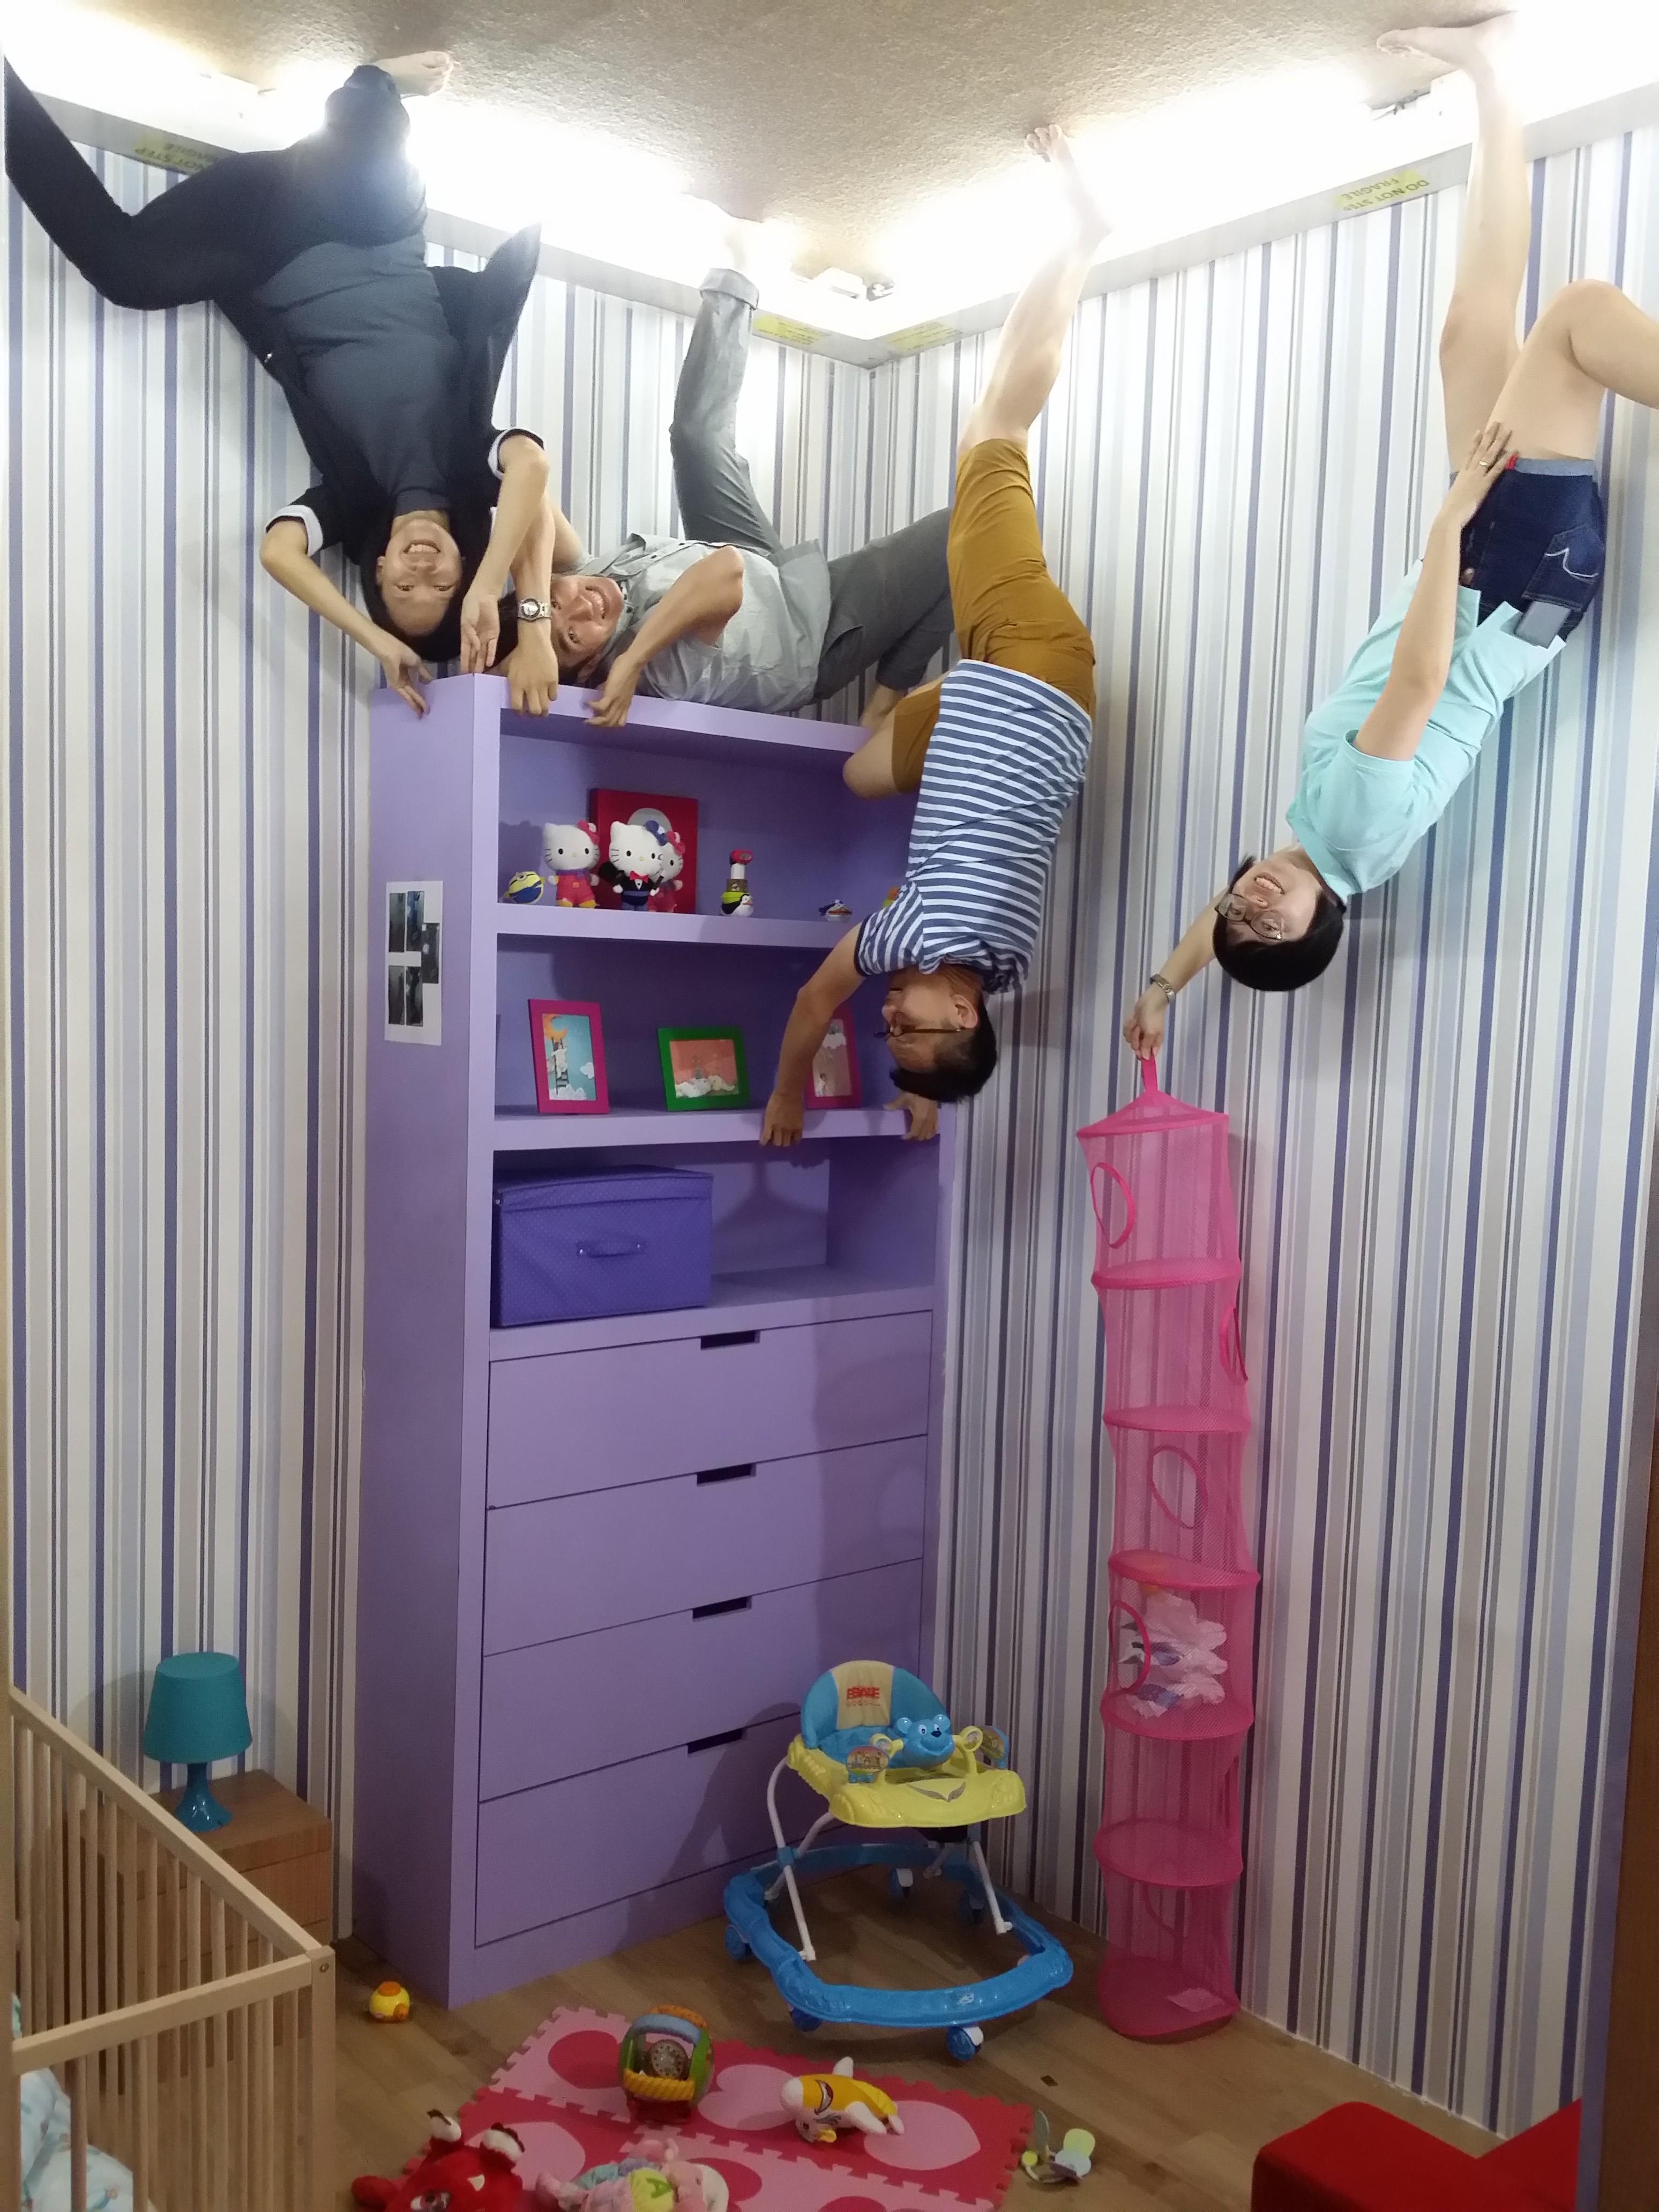 KL Tower Kuala Lumpur Malaysia Selangor Mini Zoo Raymond Ong Effye Anf Ho Koon Kiang Bella Phei Effye Media B09